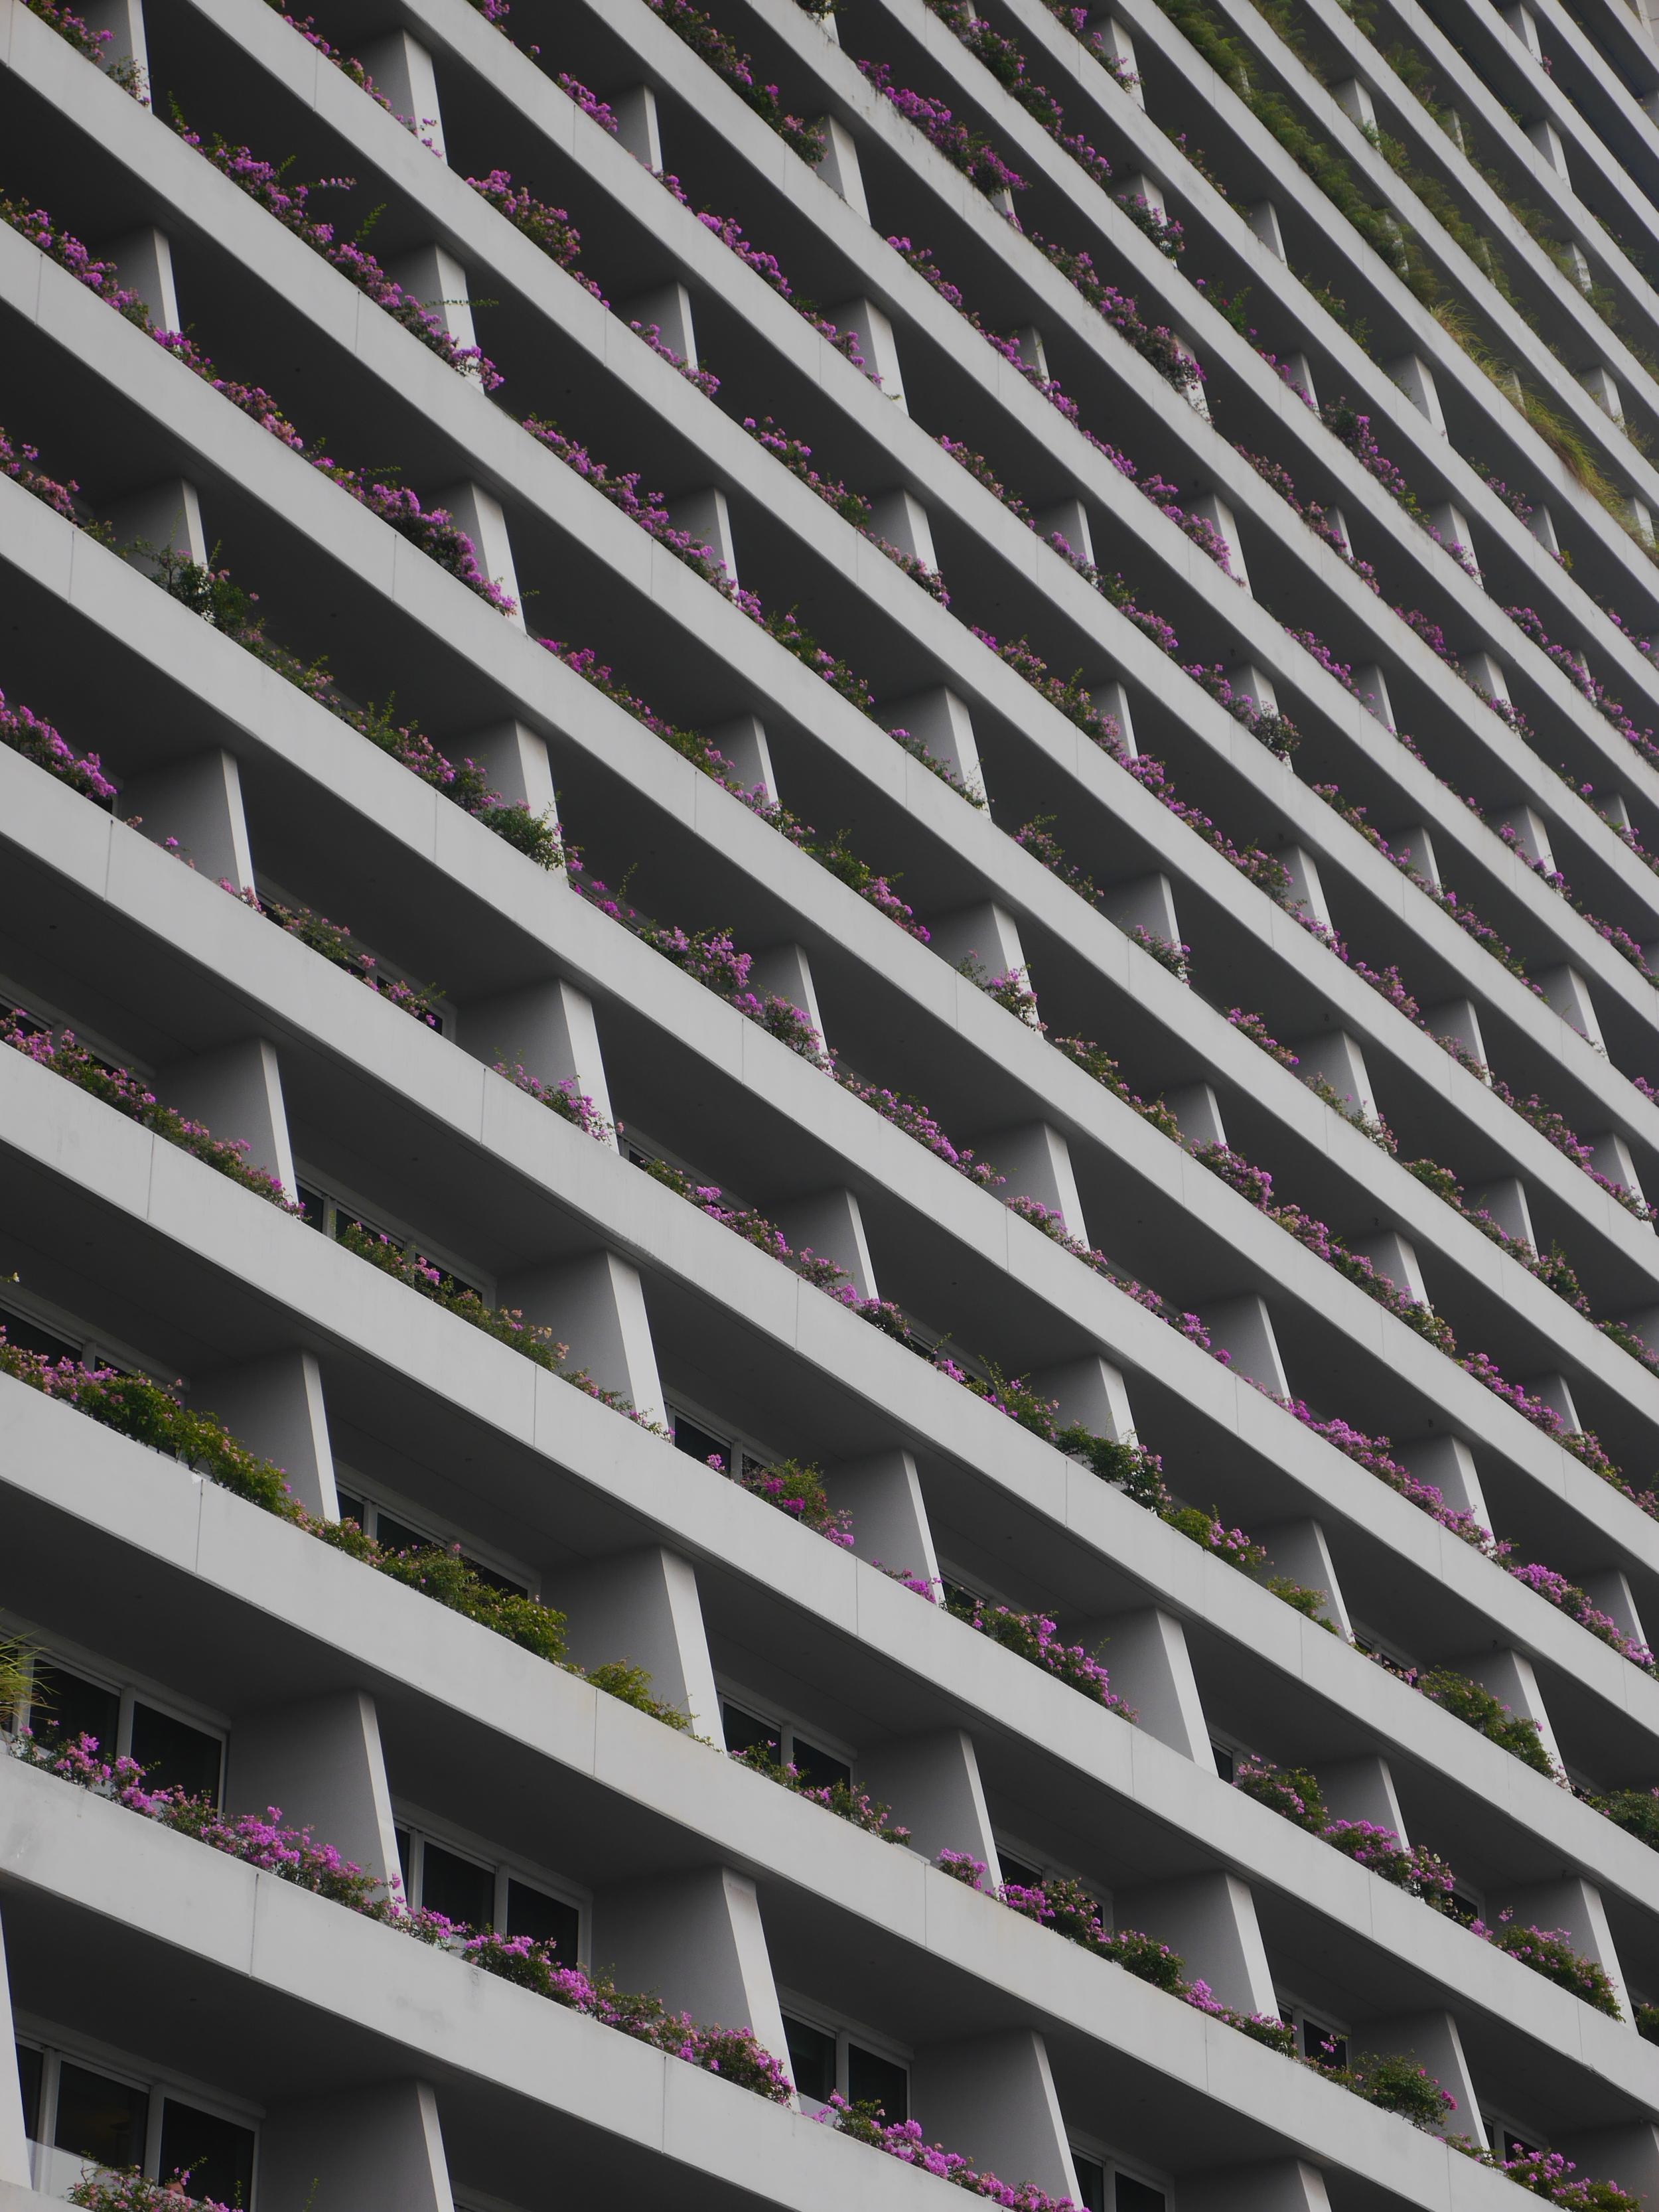 Flowers on balconies.